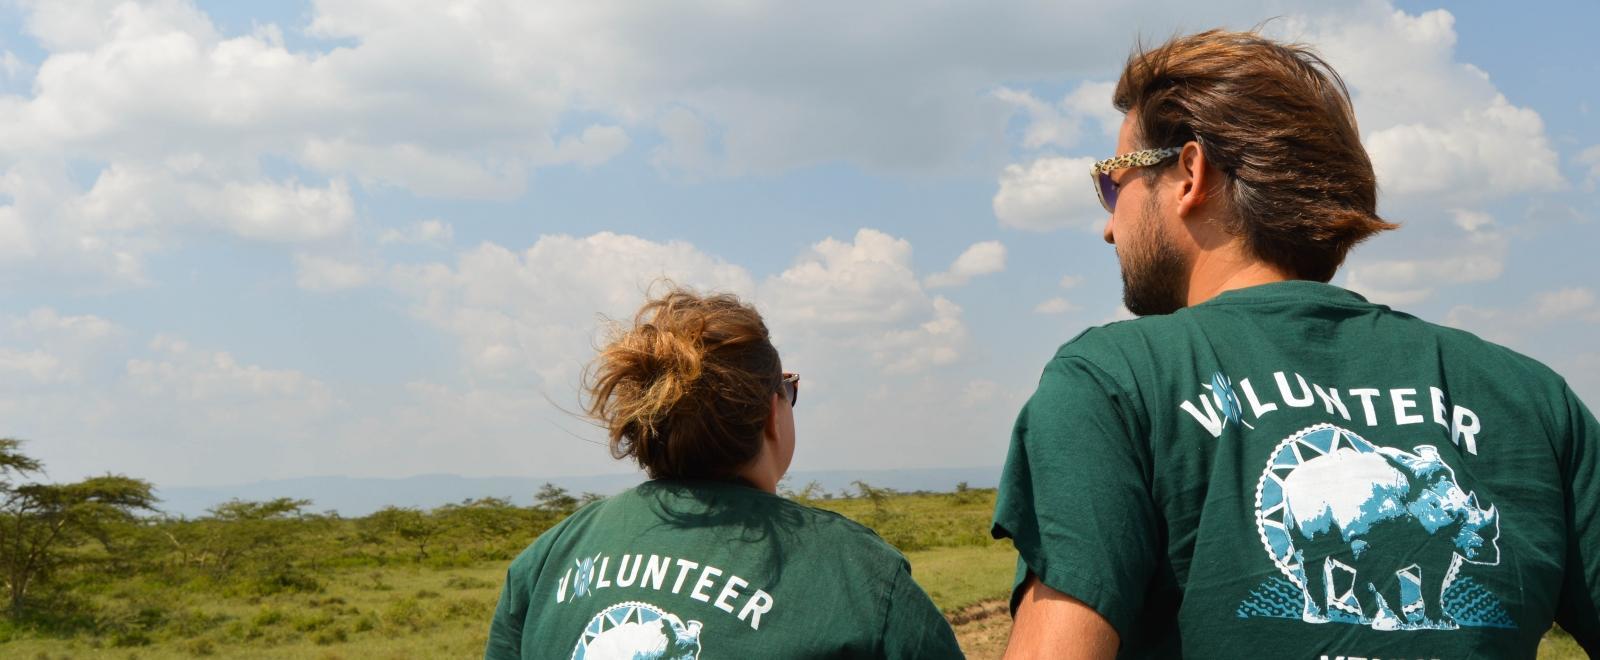 Durante su programa de voluntariado en verano para jóvenes, un grupo de adolescentes realizan monitoreo de vida silvestre en Kenia.